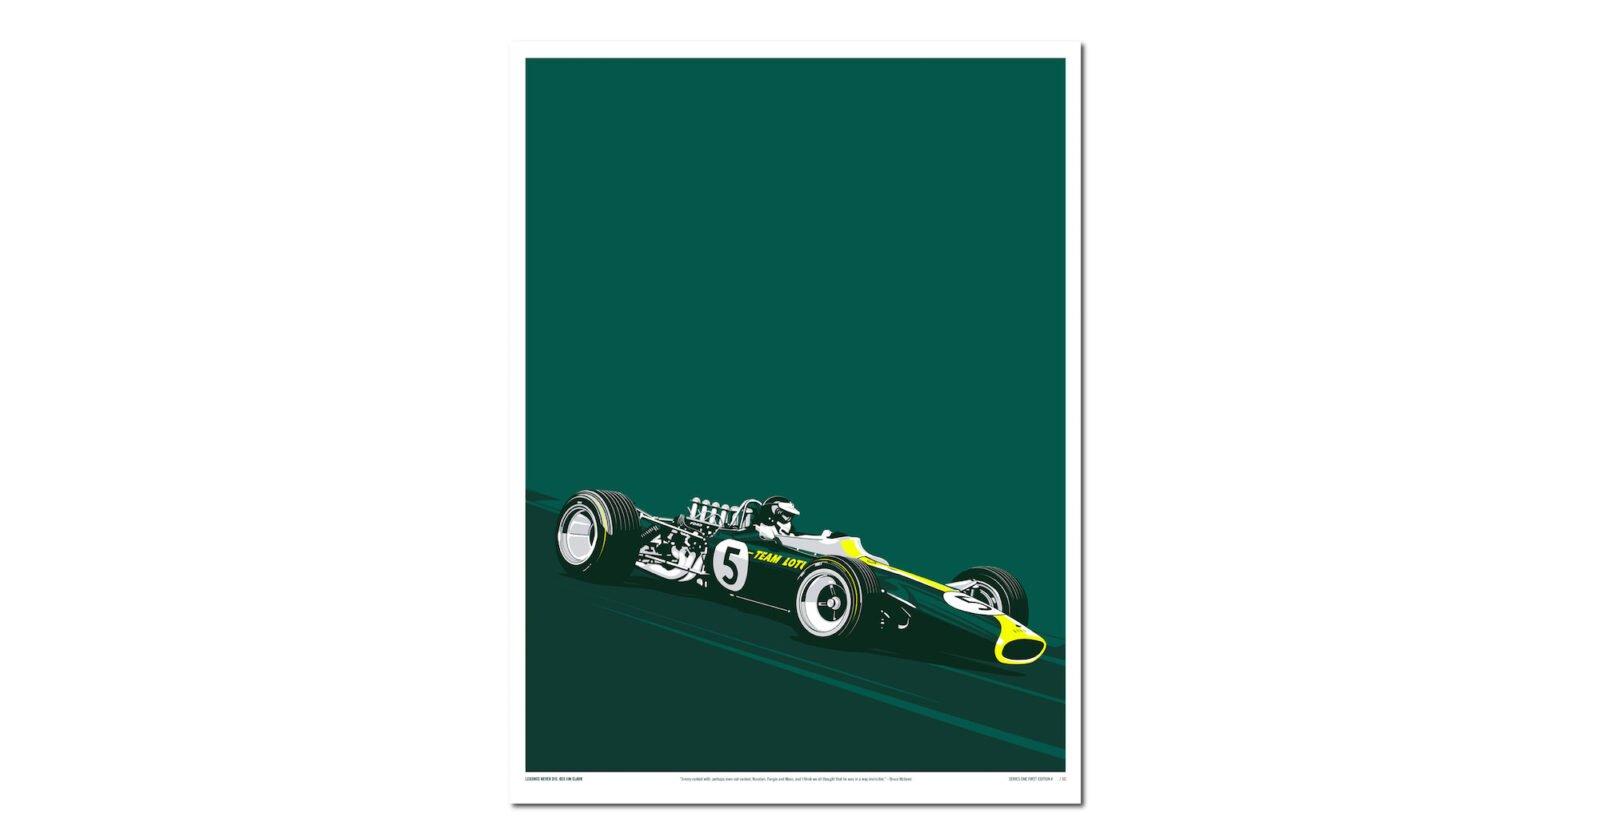 Jim Clark 1600x834 - Jim Clark's Lotus 49: Screen Print Poster